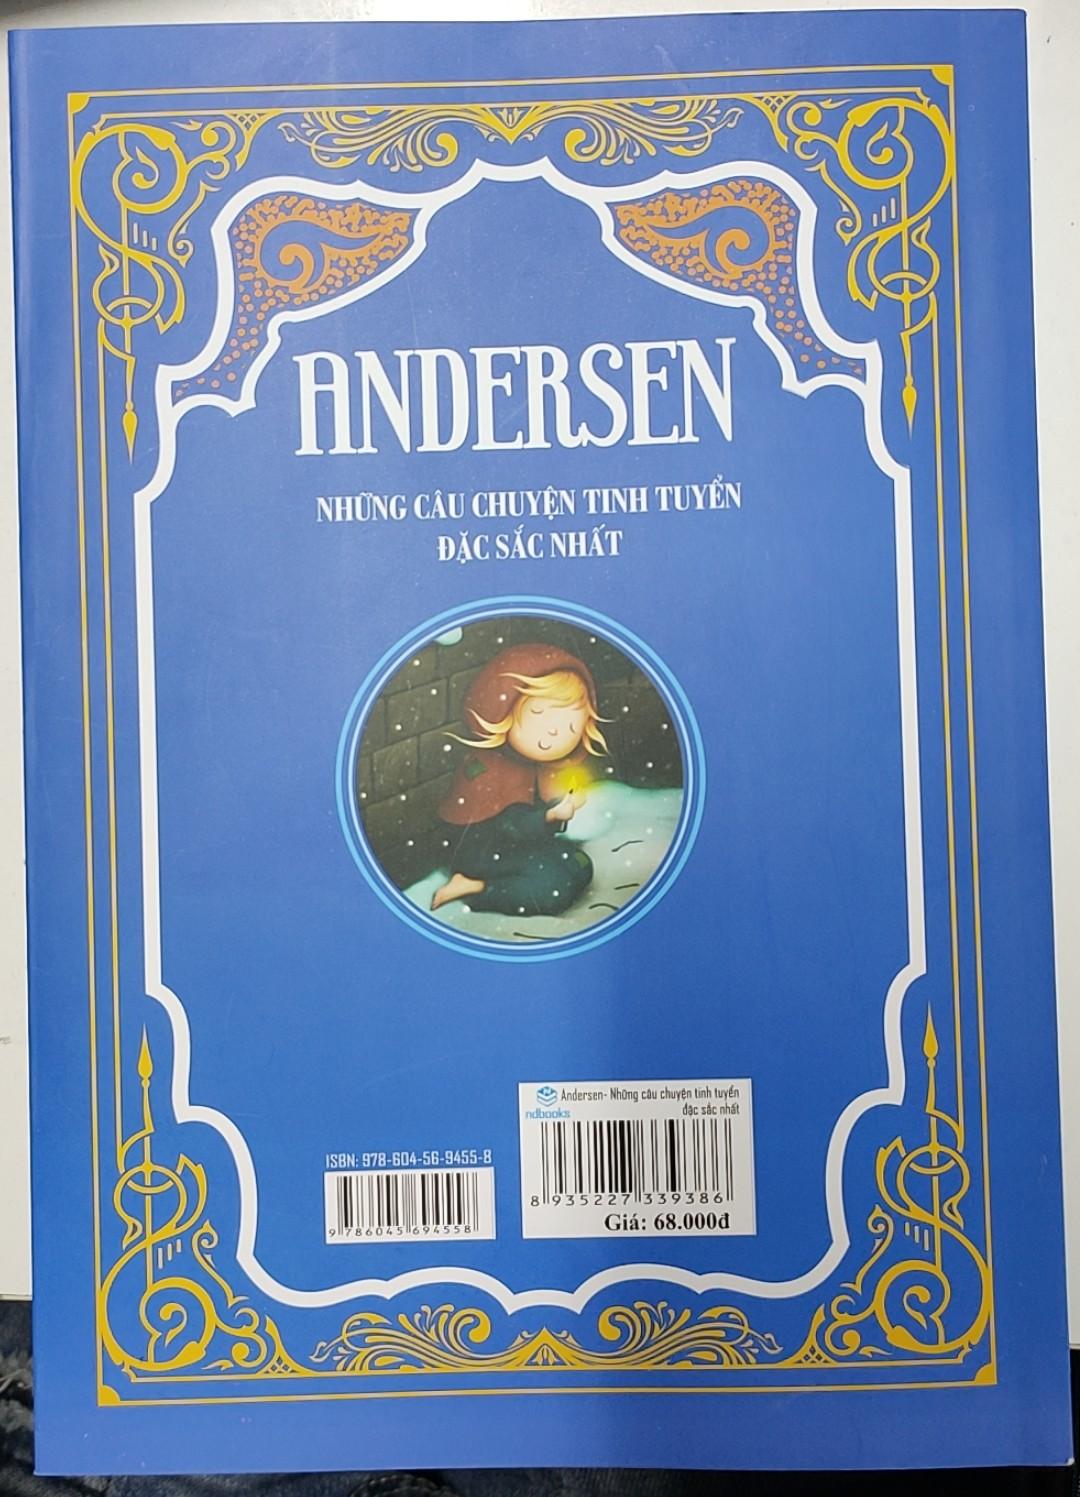 Andersen - những câu chuyện tinh tuyển đặc sắc